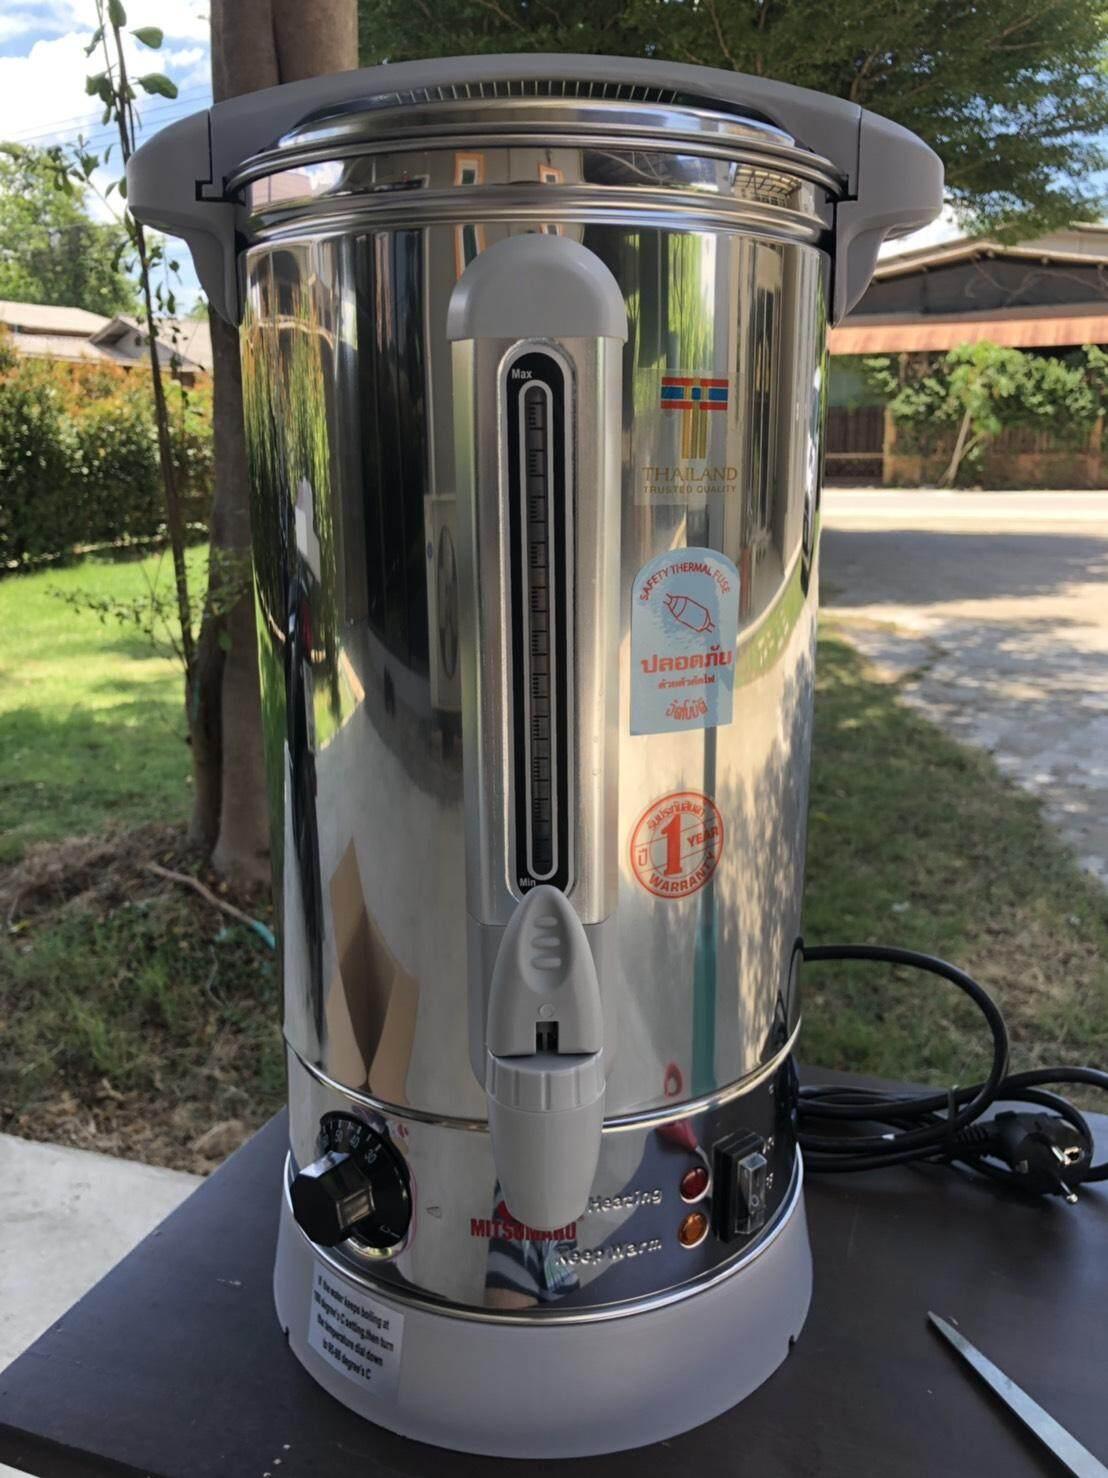 หม้อต้มน้ำร้อนไฟฟ้า ความจุ 10 ลิตร รุ่น AP-KT110 มิตซูมารู MITSUMARU ELECTRIC